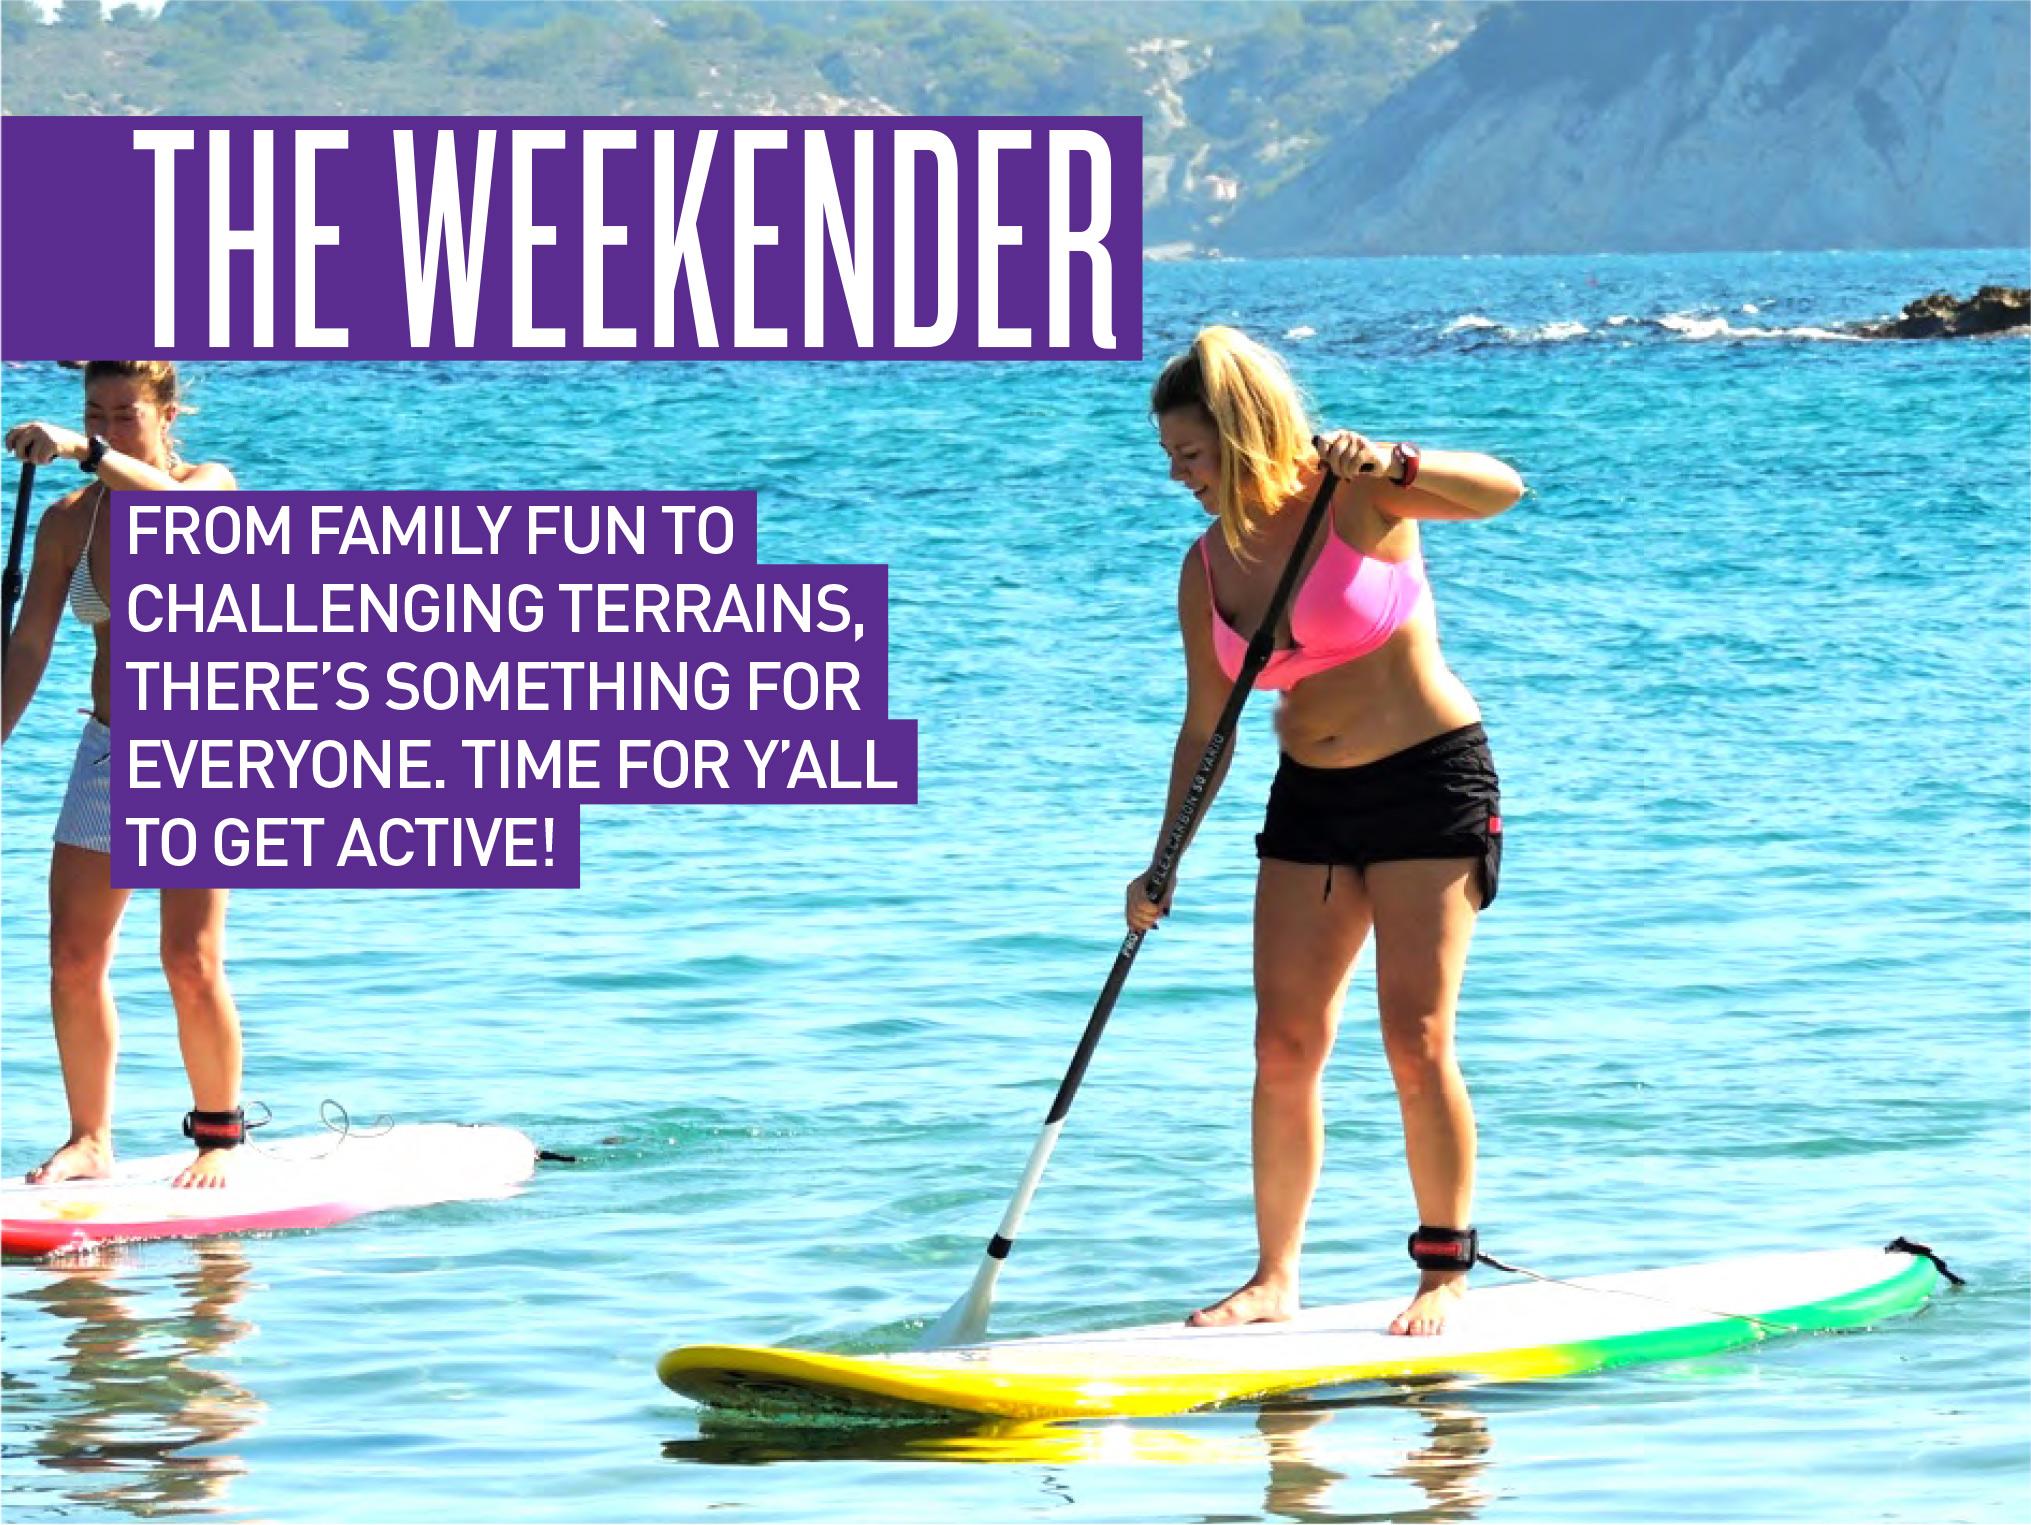 weekender-header